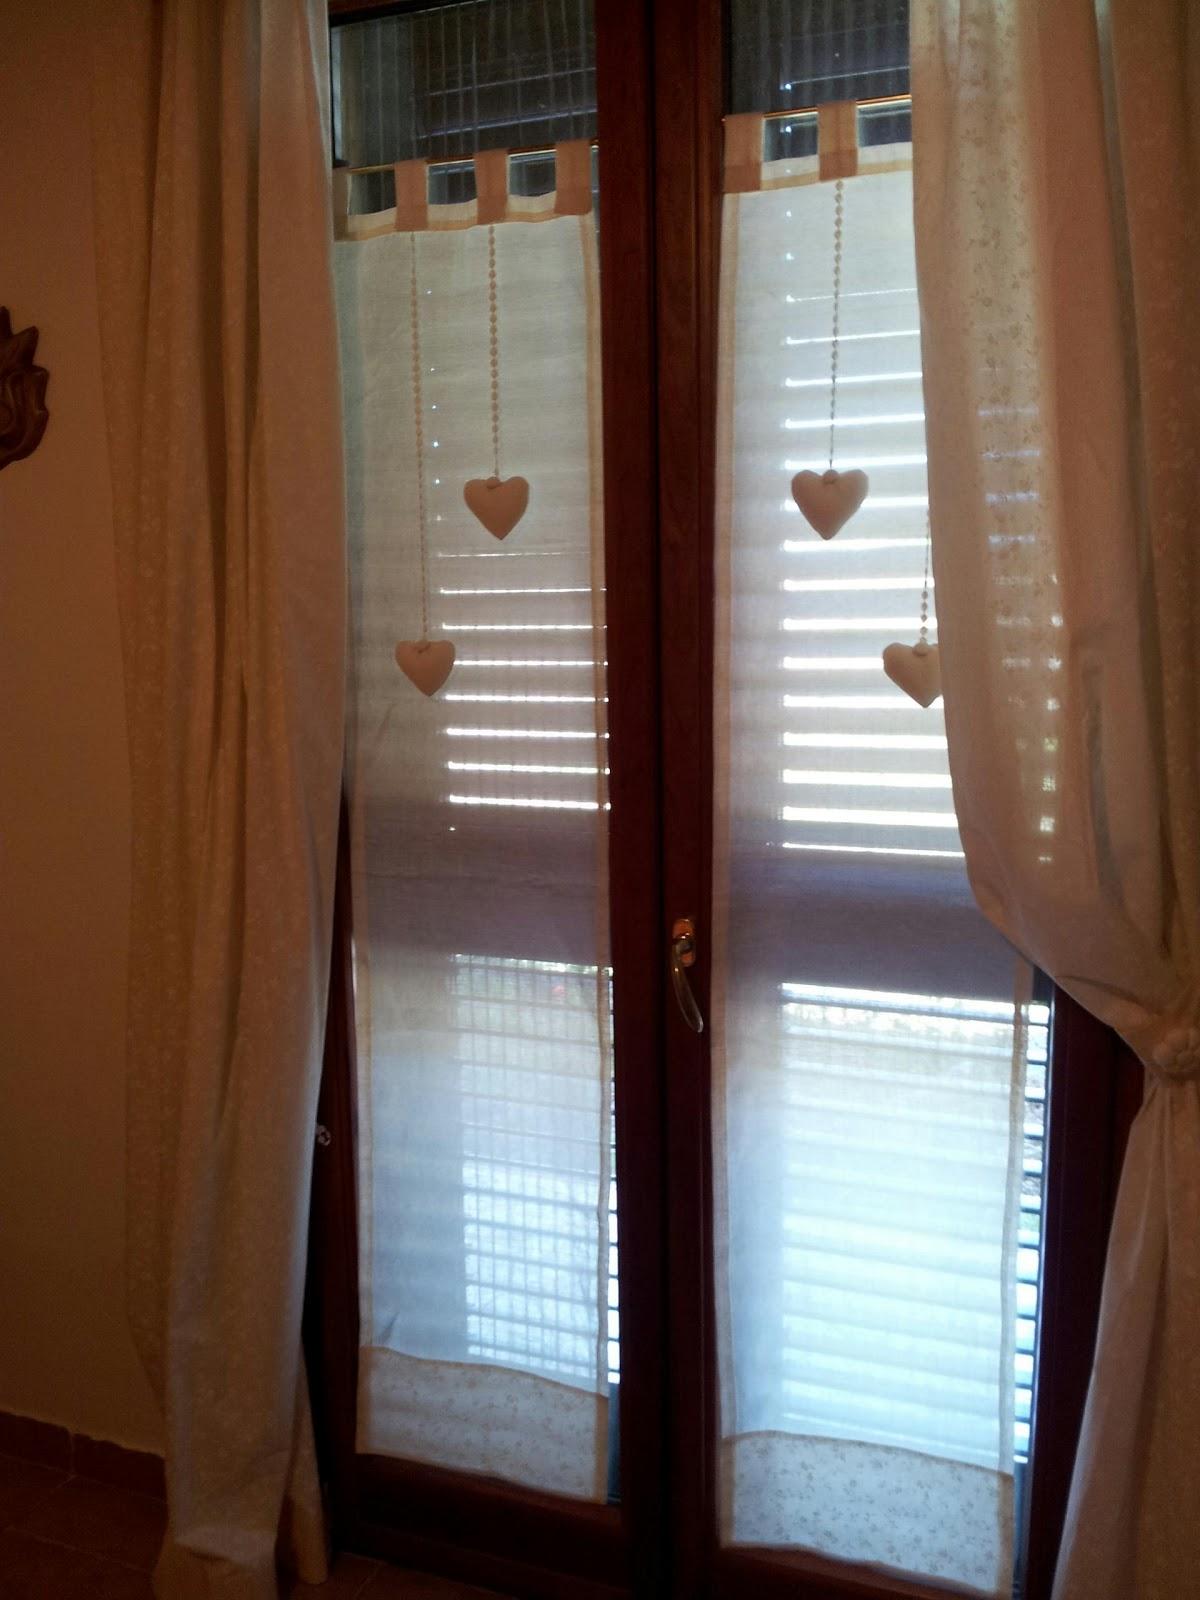 Tende con cuori imbottiti zz57 regardsdefemmes - Tende finestra camera da letto ...